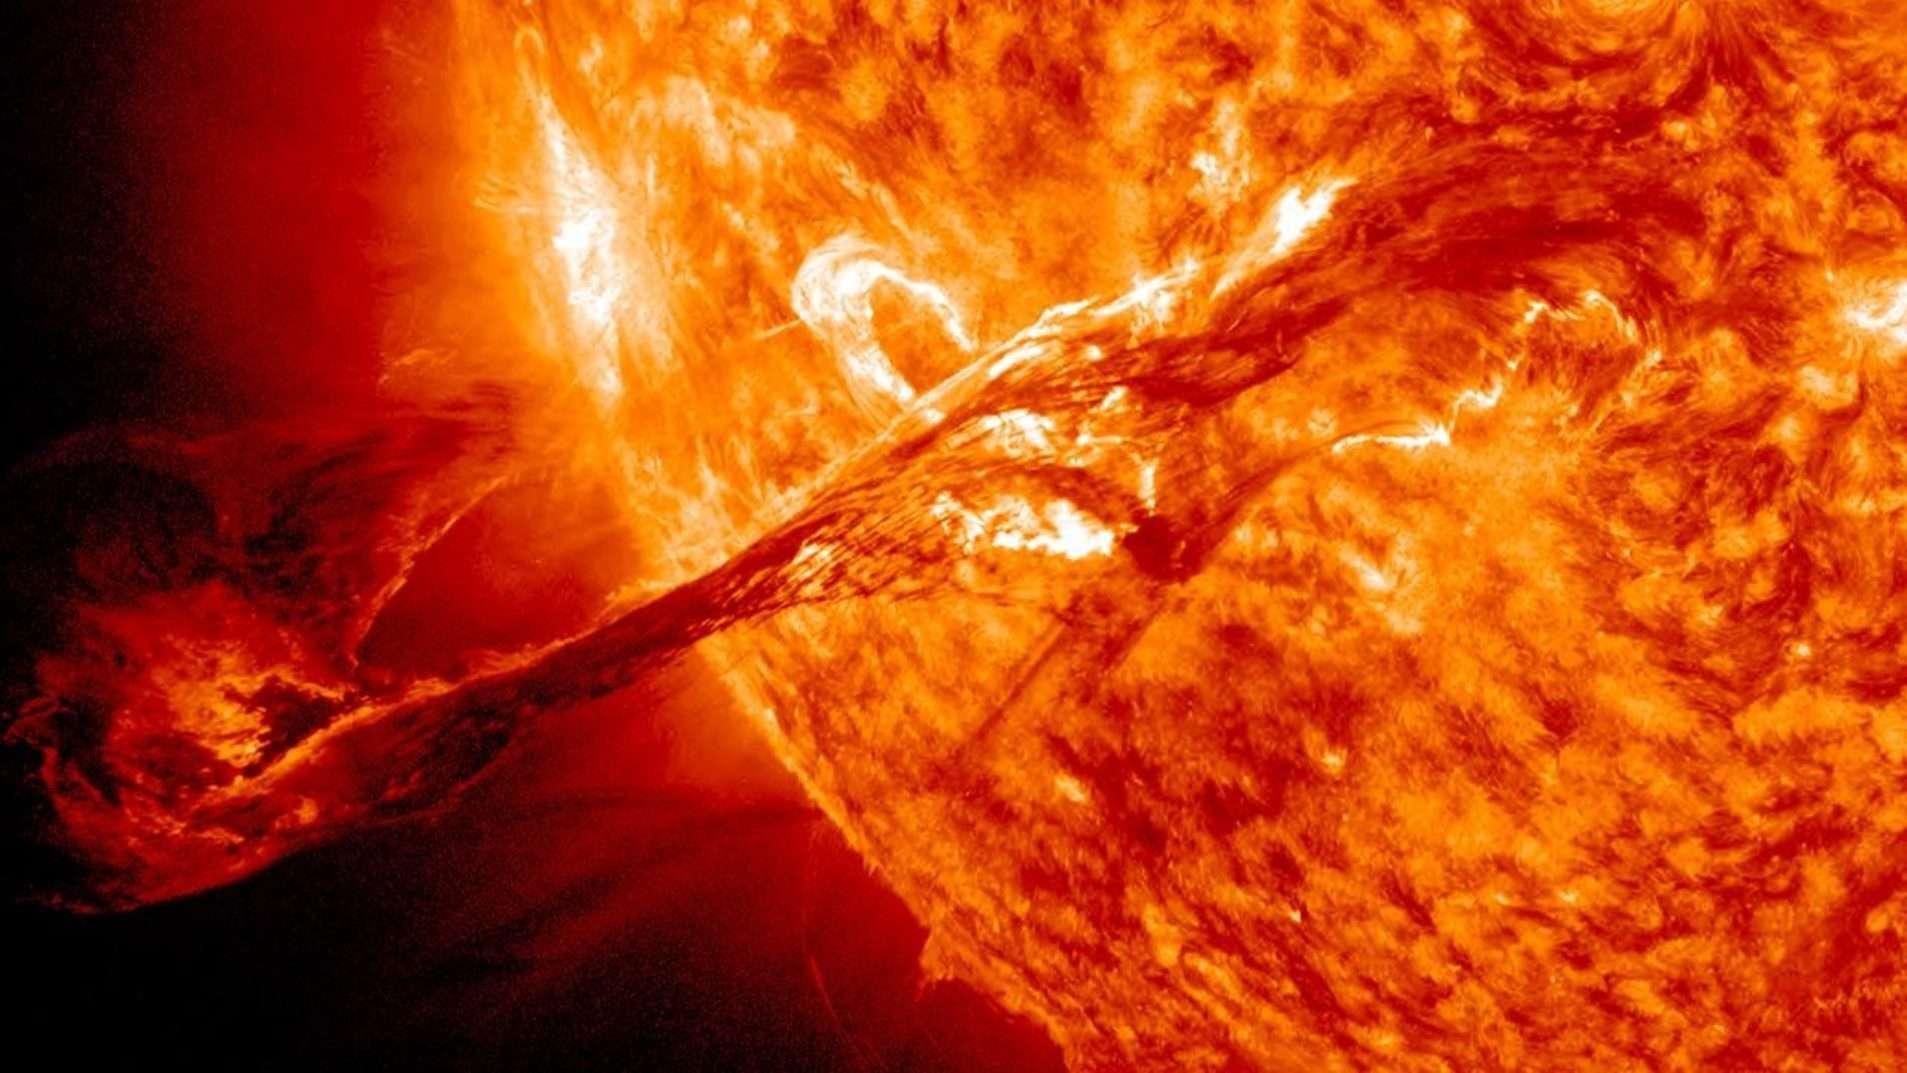 Le 31 août 2012, un long filament de matériau solaire qui flottait dans l'atmosphère du Soleil, la couronne, a éclaté dans l'espace. L'éjection de masse coronale ou CME résultante s'est éloignée du Soleil à plus de 900 km/s. Cette photo montre l'éjection capturée par plusieurs satellites solaires de la Nasa (SDO, Stereo, Soho). © Nasa